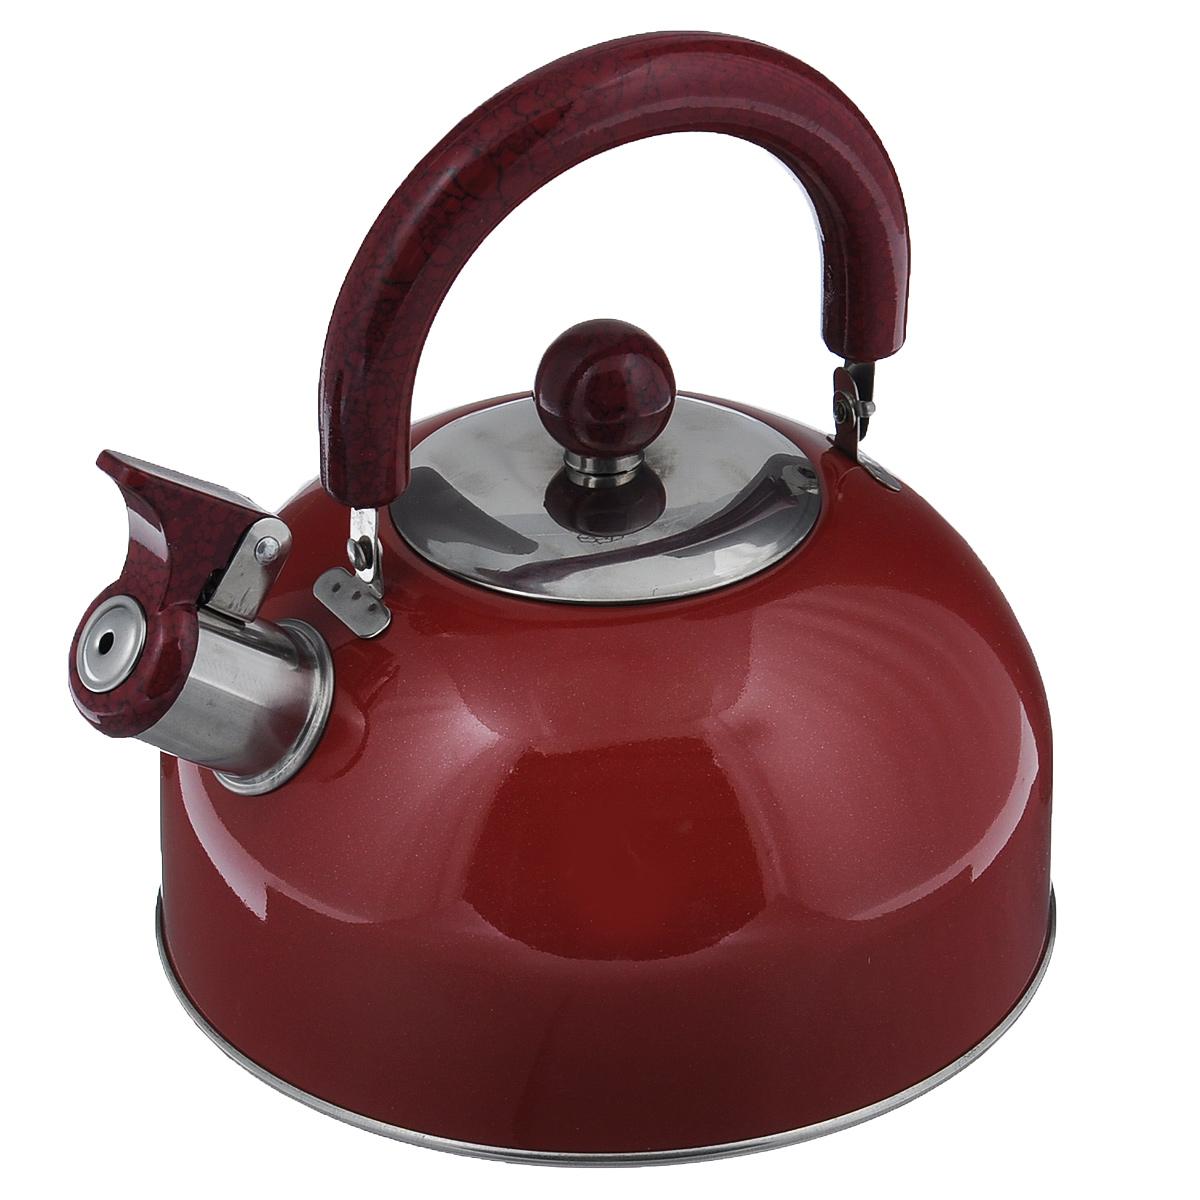 Чайник Mayer & Boch Modern со свистком, цвет: красный, 2 л. МВ-3226МВ-3226Чайник Mayer & Boch Modern изготовлен из высококачественной нержавеющей стали. Гладкая и ровная поверхность существенно облегчает уход. Он оснащен удобной нейлоновой ручкой, которая не нагревается даже при продолжительном периоде нагрева воды. Носик чайника имеет насадку-свисток, что позволит вам контролировать процесс подогрева или кипячения воды. Выполненный из качественных материалов чайник Mayer & Boch Modern при кипячении сохраняет все полезные свойства воды. Чайник пригоден для использования на всех типах плит, кроме индукционных. Можно мыть в посудомоечной машине.Диаметр чайника по верхнему краю: 8,5 см.Диаметр основания: 19 см.Высота чайника (без учета ручки и крышки): 10 см.УВАЖАЕМЫЕ КЛИЕНТЫ!Обращаем ваше внимание на тот факт, что указан максимальный объем чайника с учетом полного наполнения до кромки. Объем чайника с учетом наполнения до уровня носика составляет 1,5 литра.